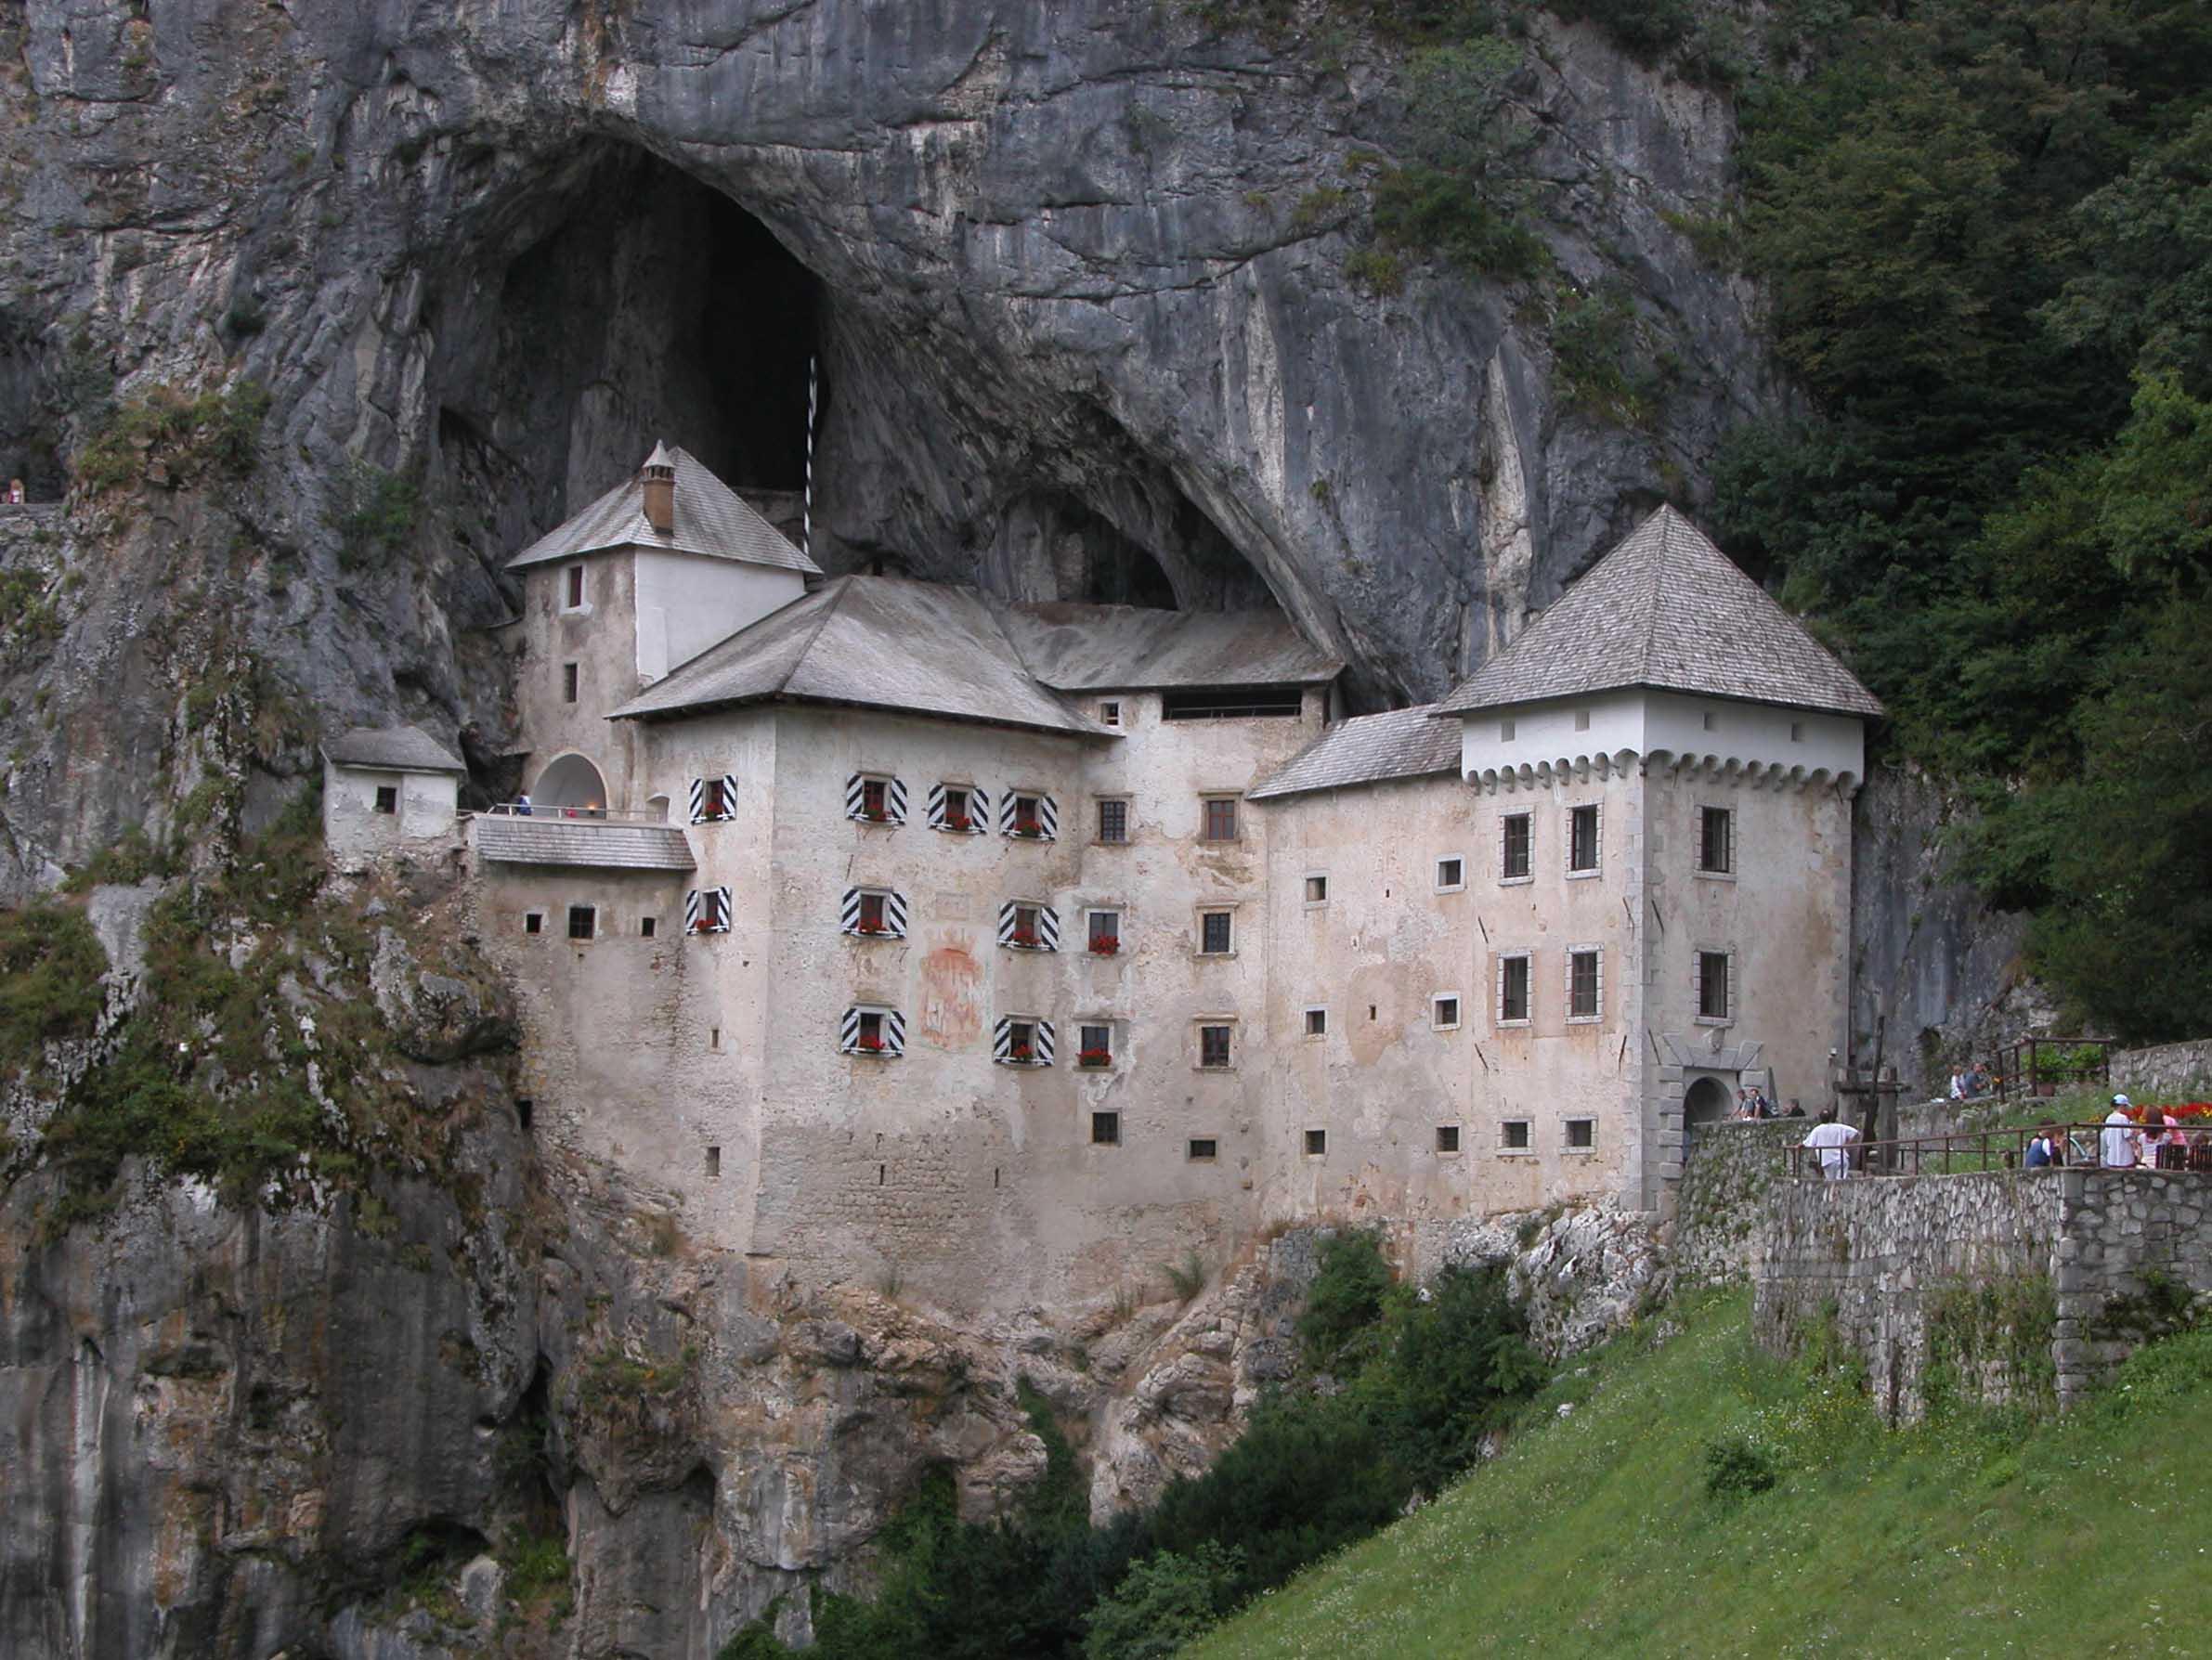 Dvorci koje verovatno nikada nećete posedovati - Page 2 PredjamskiGrad2